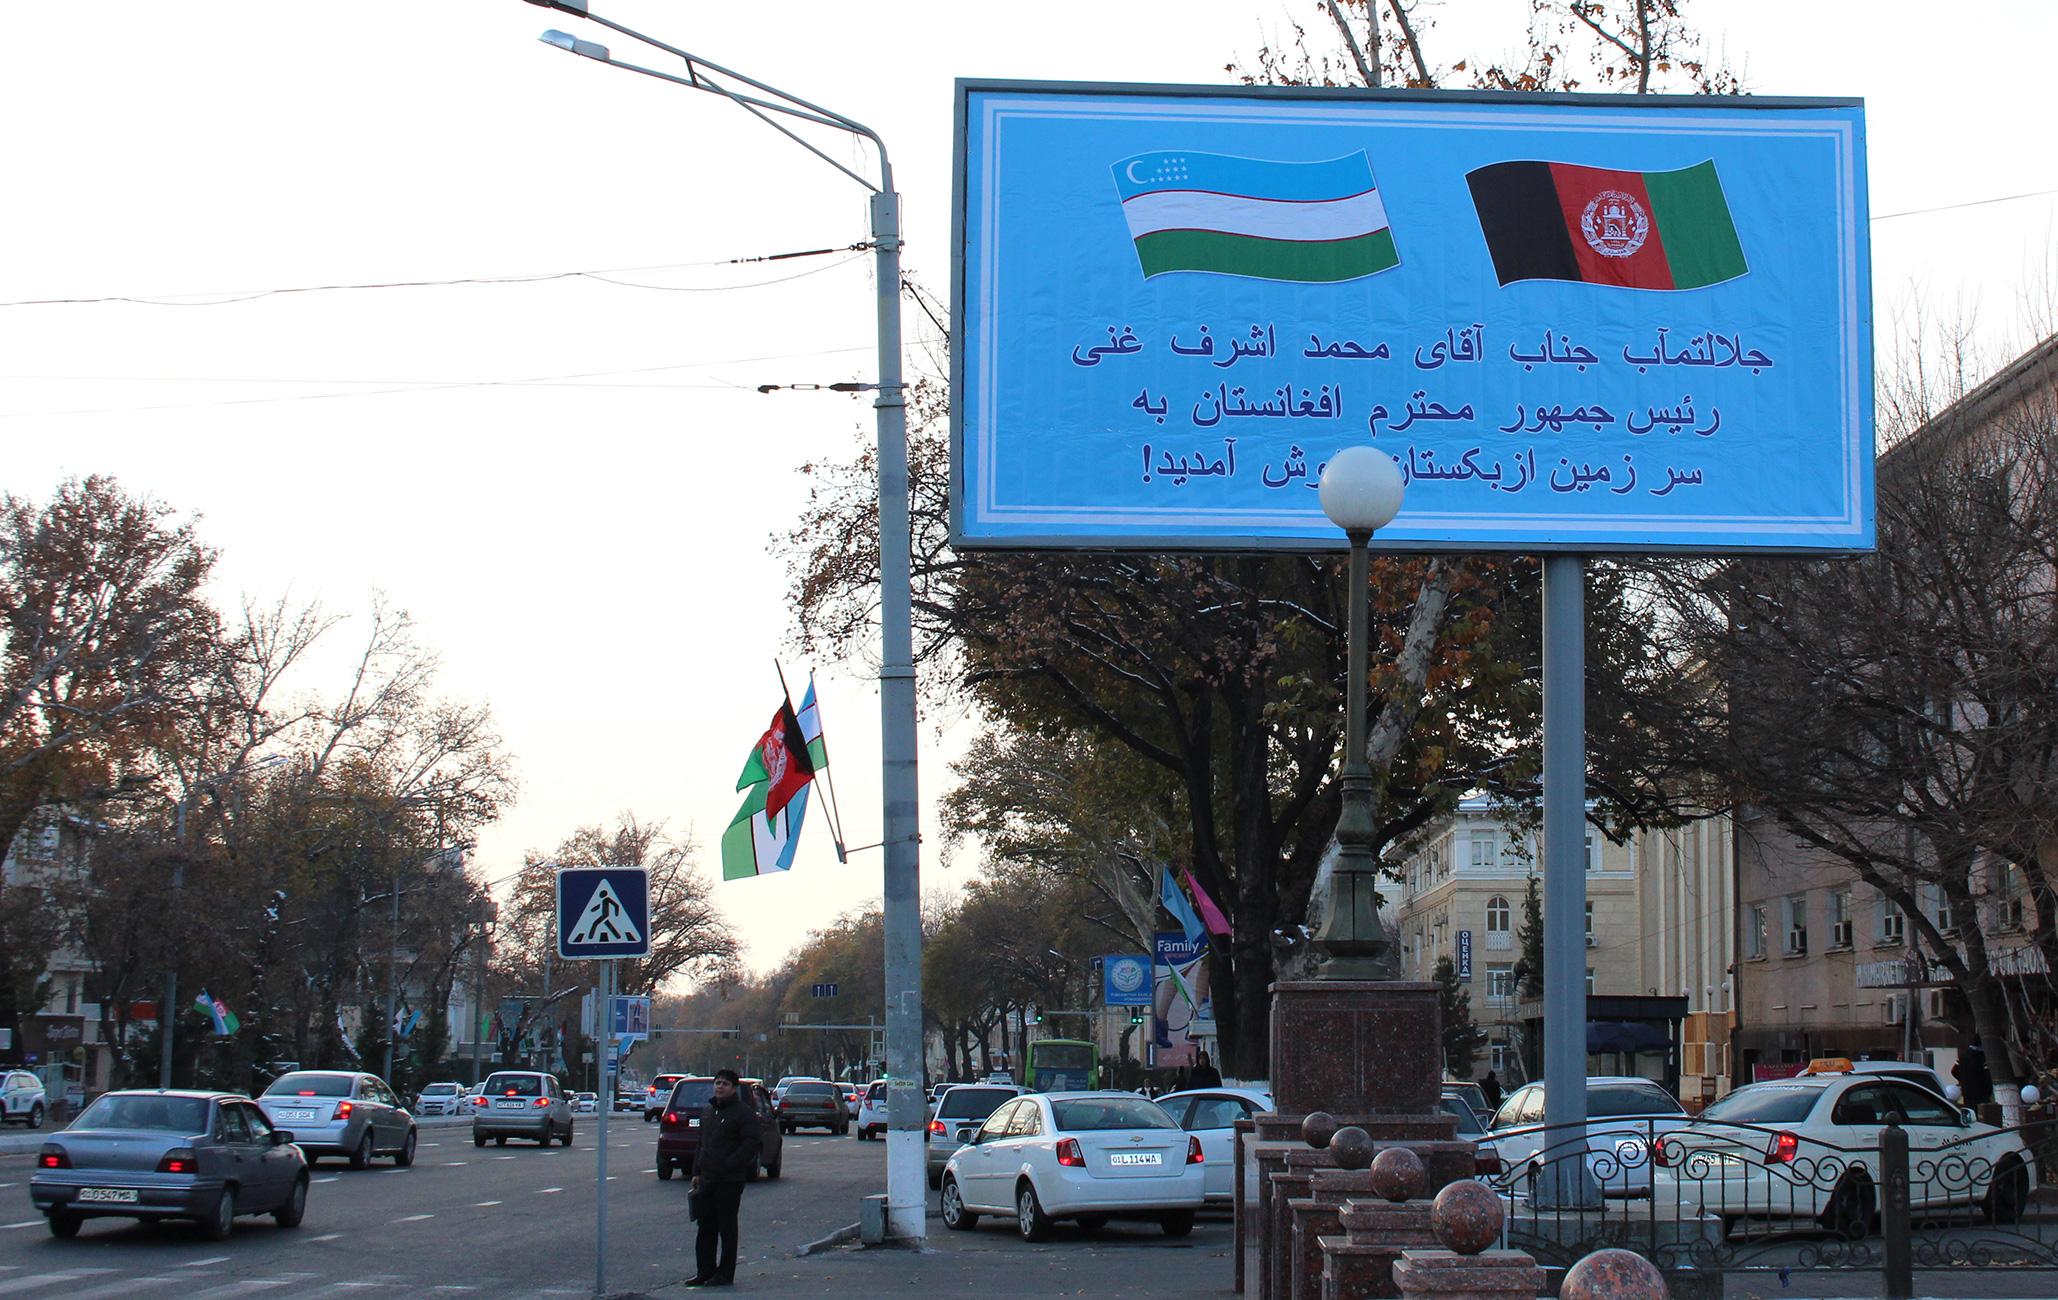 ورود ازبکستان و افغانستان به یک «مرحلهء نو از همکاری»